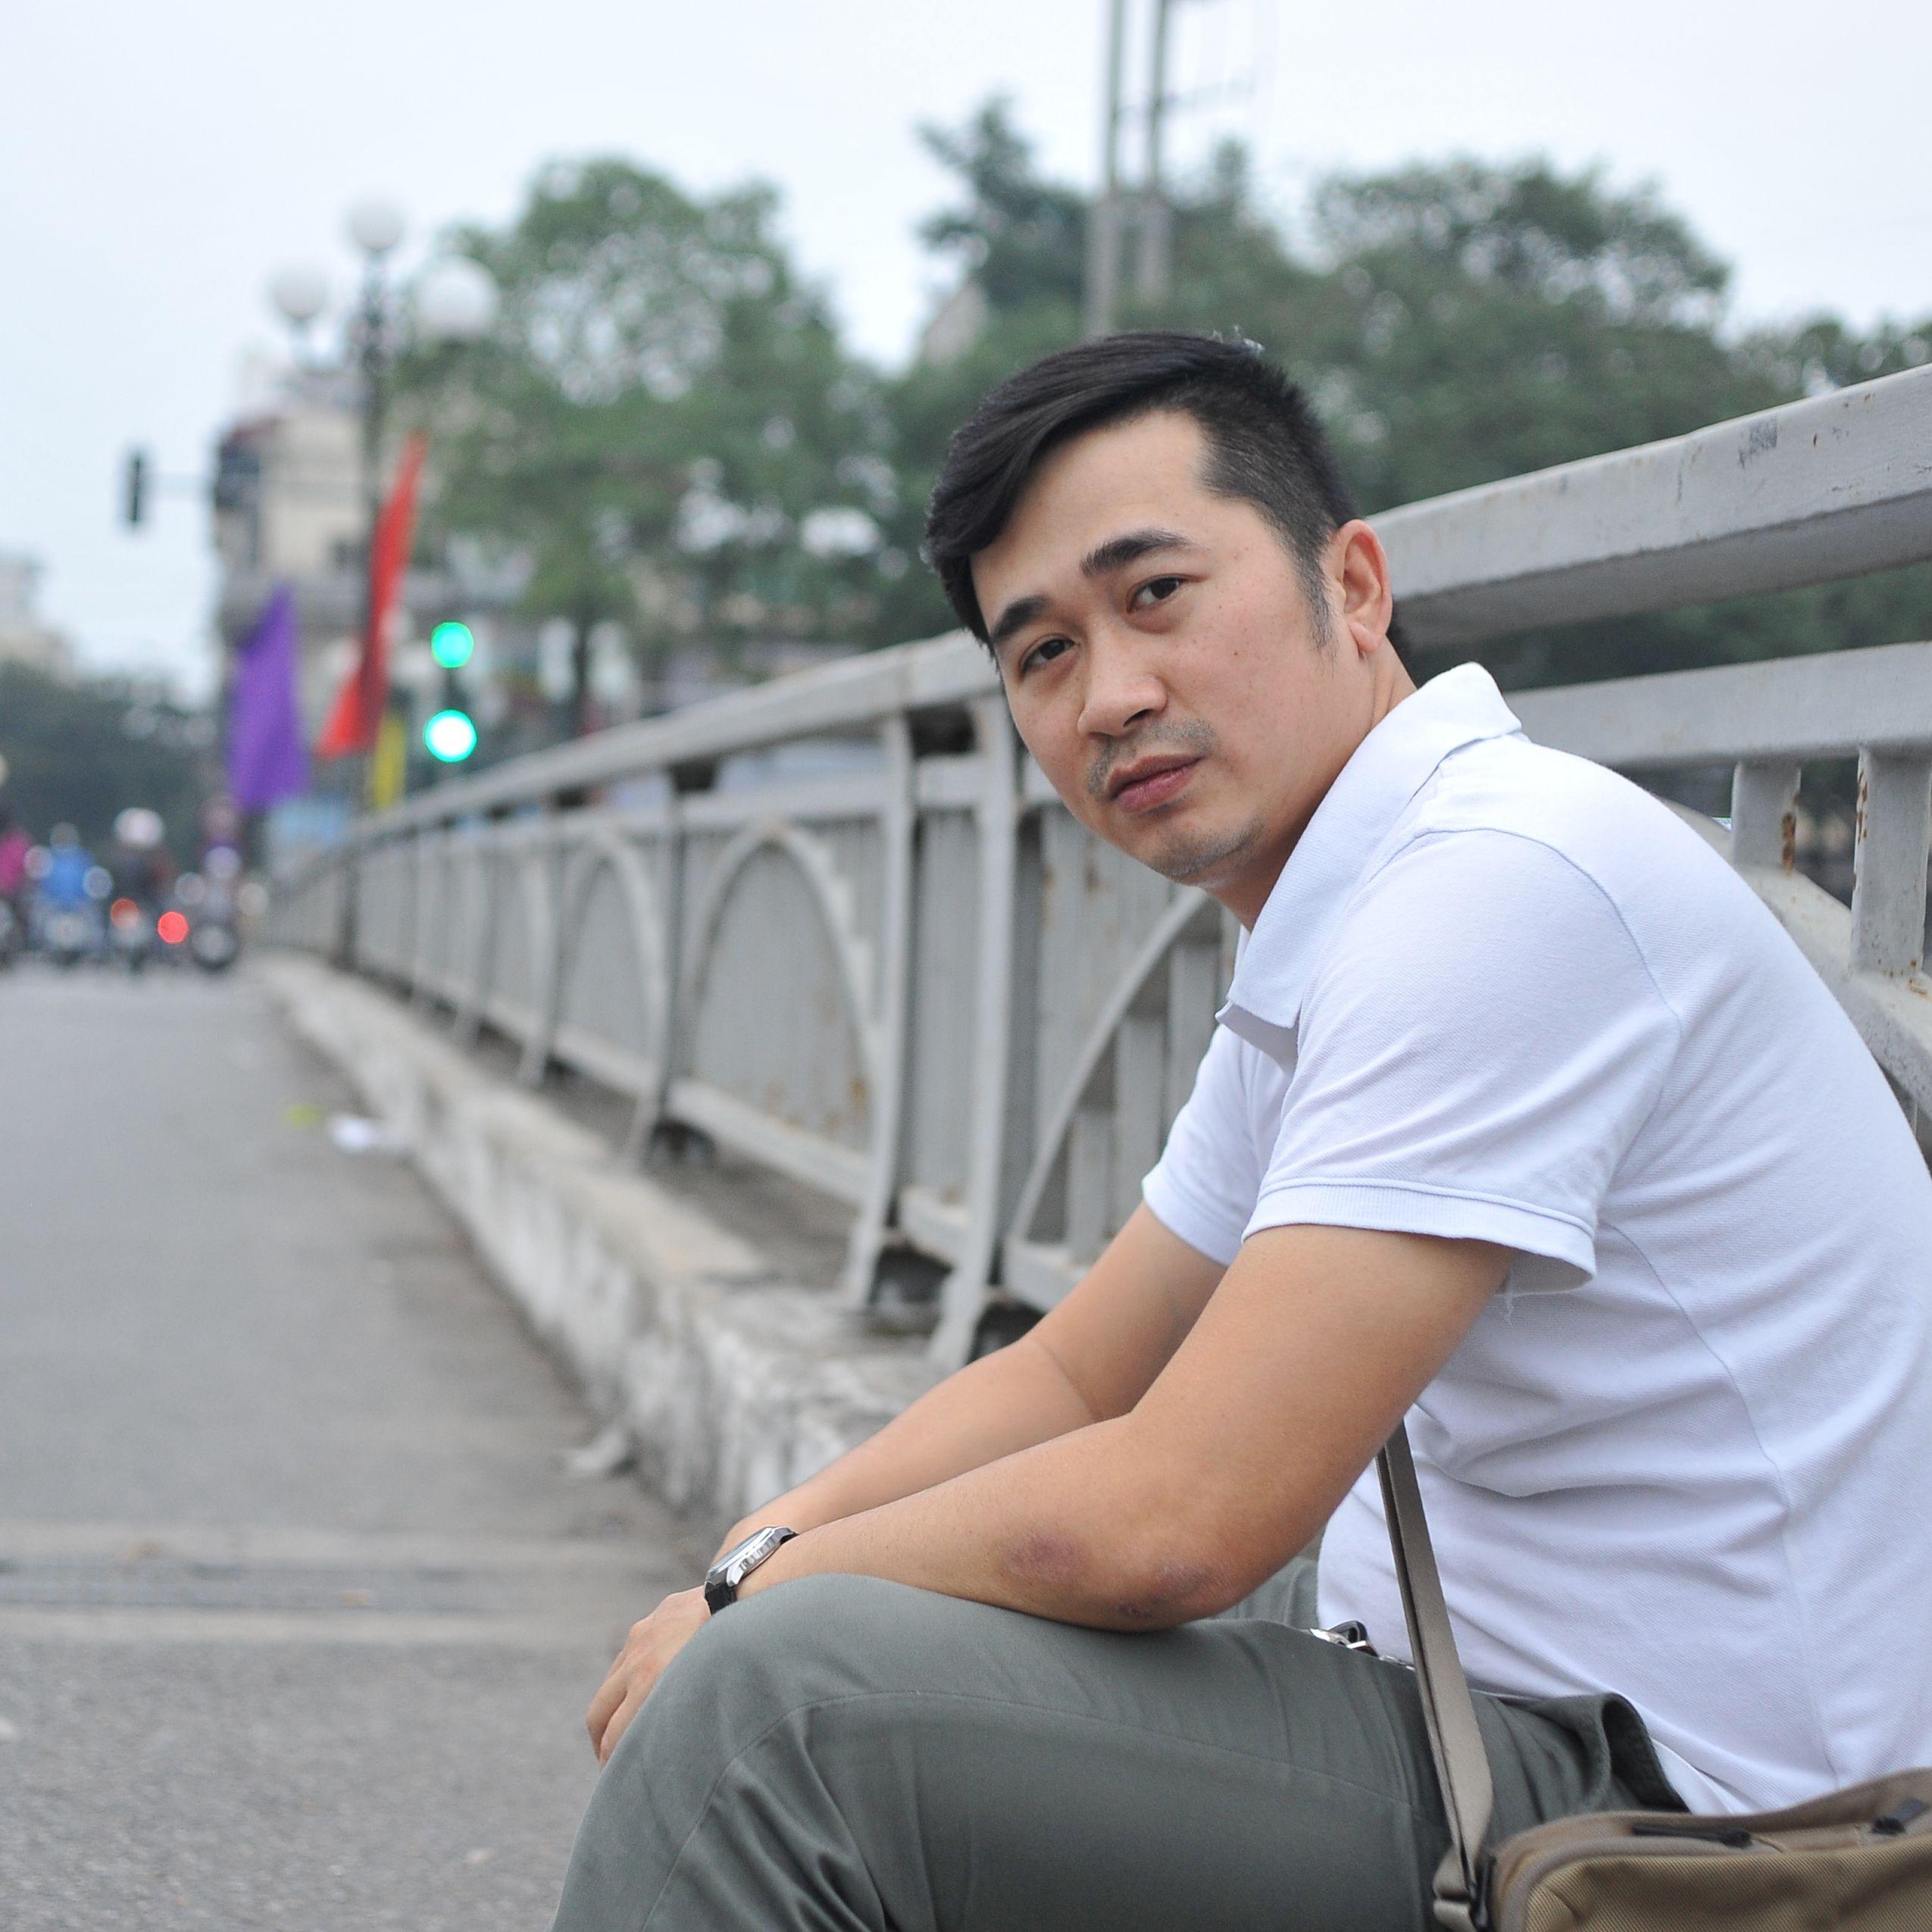 CEO Tinipak Nghiêm Trọng Hoàng: Gọi vốn qua khe cửa hẹp từ Mỹ, mơ xây dựng thương hiệu ba lô Việt đầu tiên